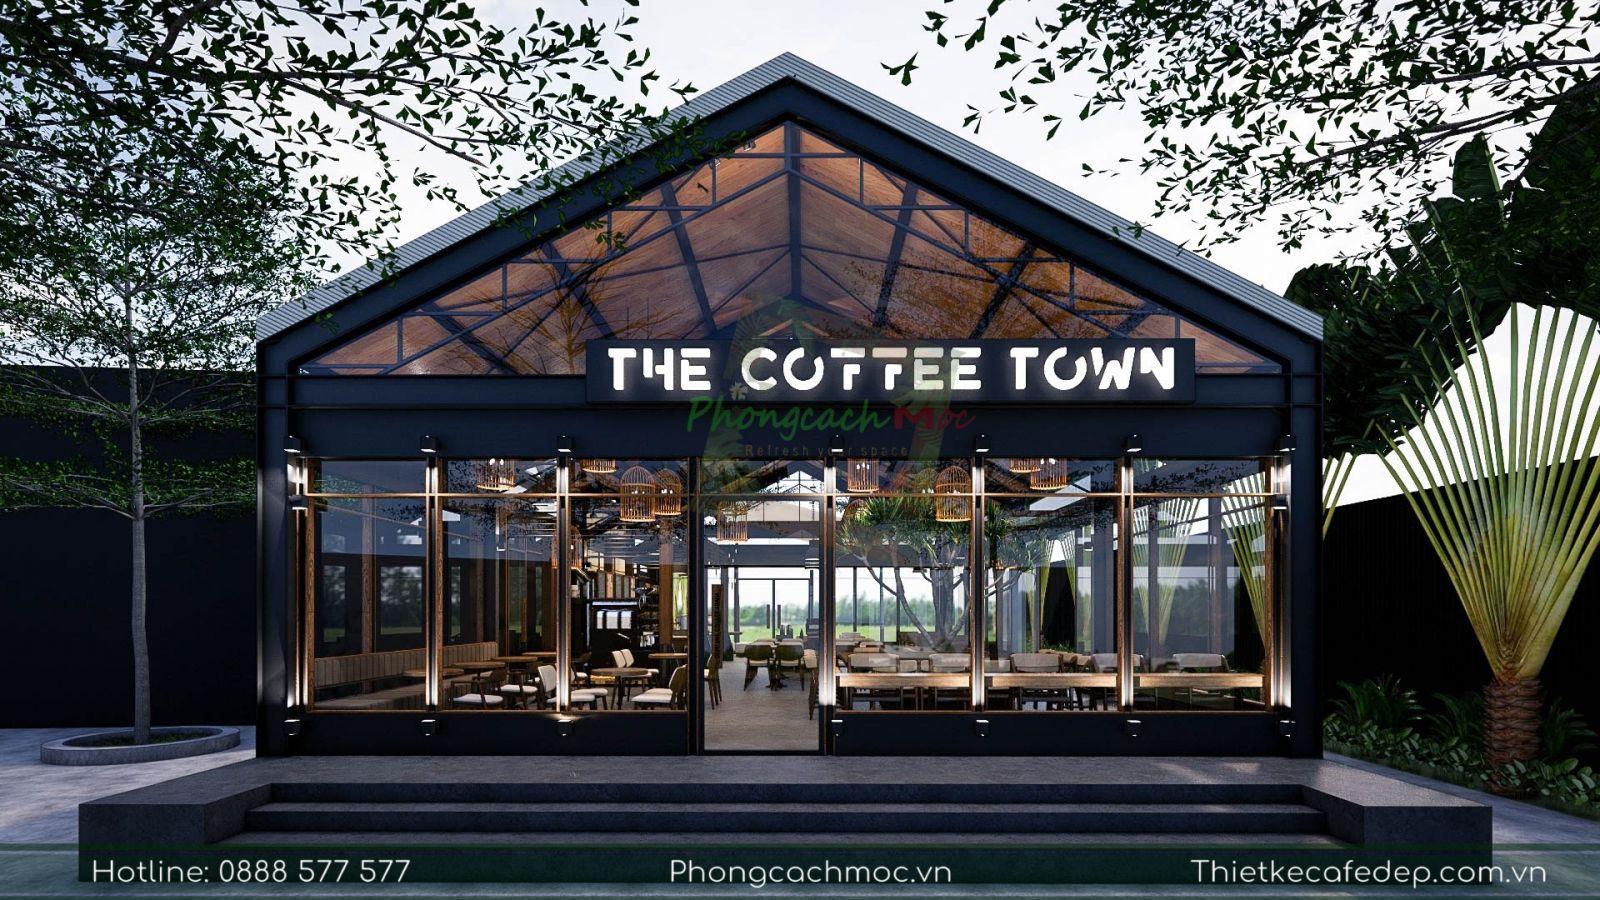 pcm thiết kế quán cafe the coffee town tại quận 7 tphcm